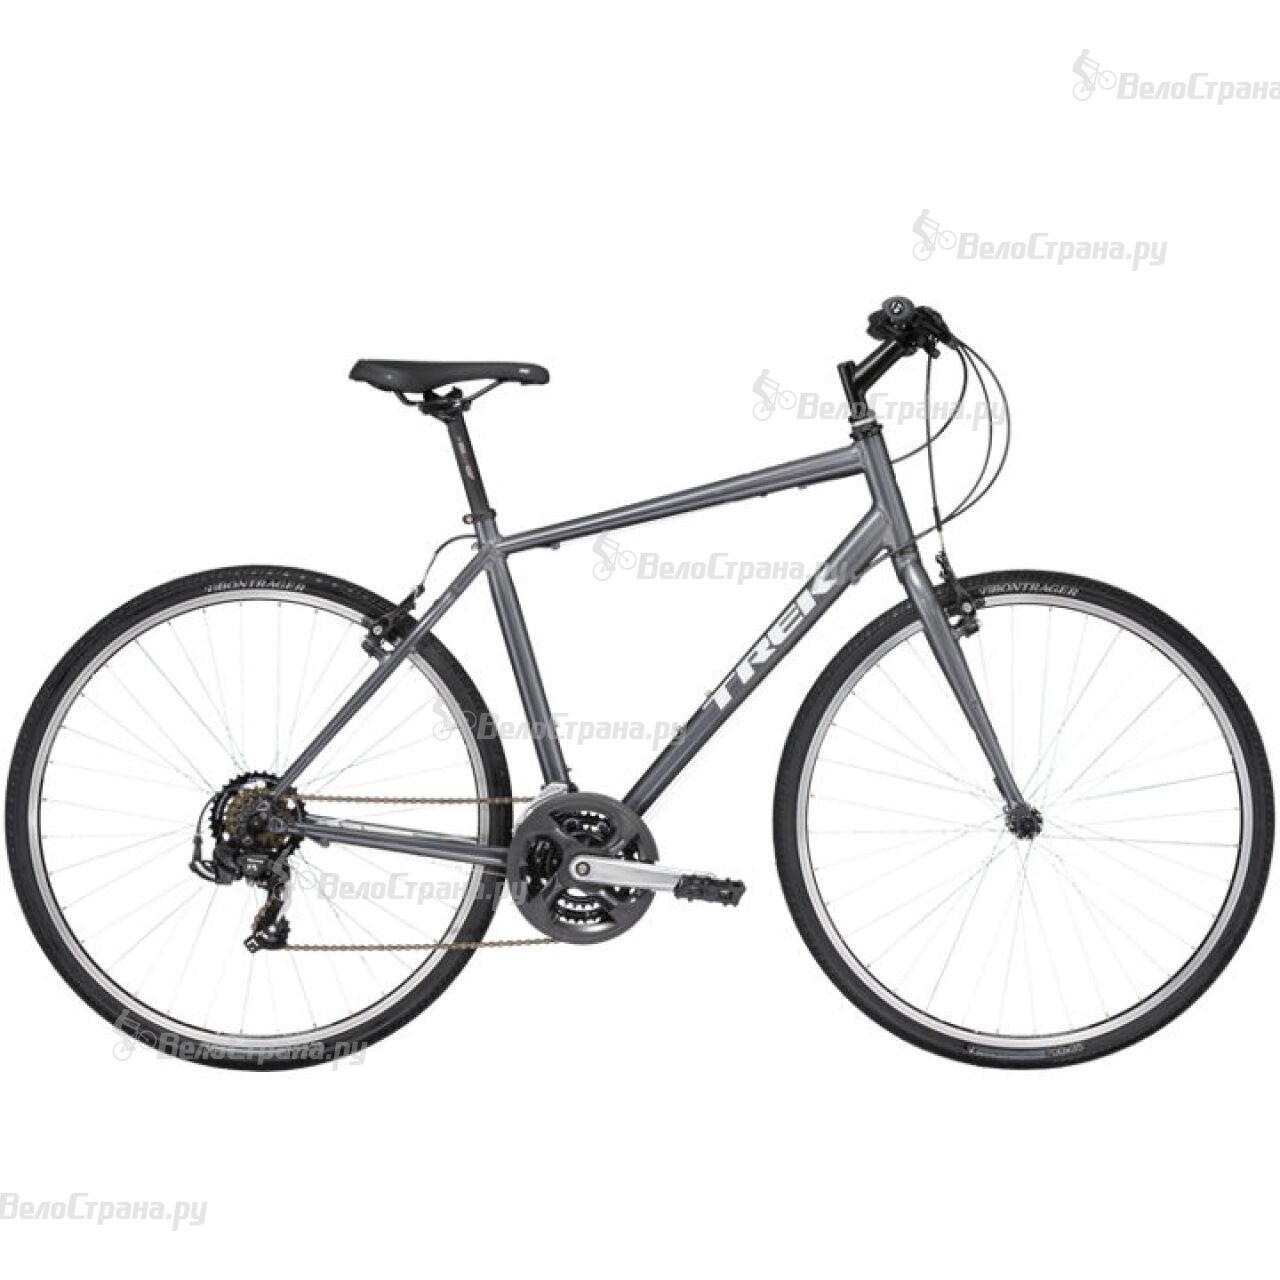 Велосипед Trek FX (2017) велосипед trek fx 2 2017